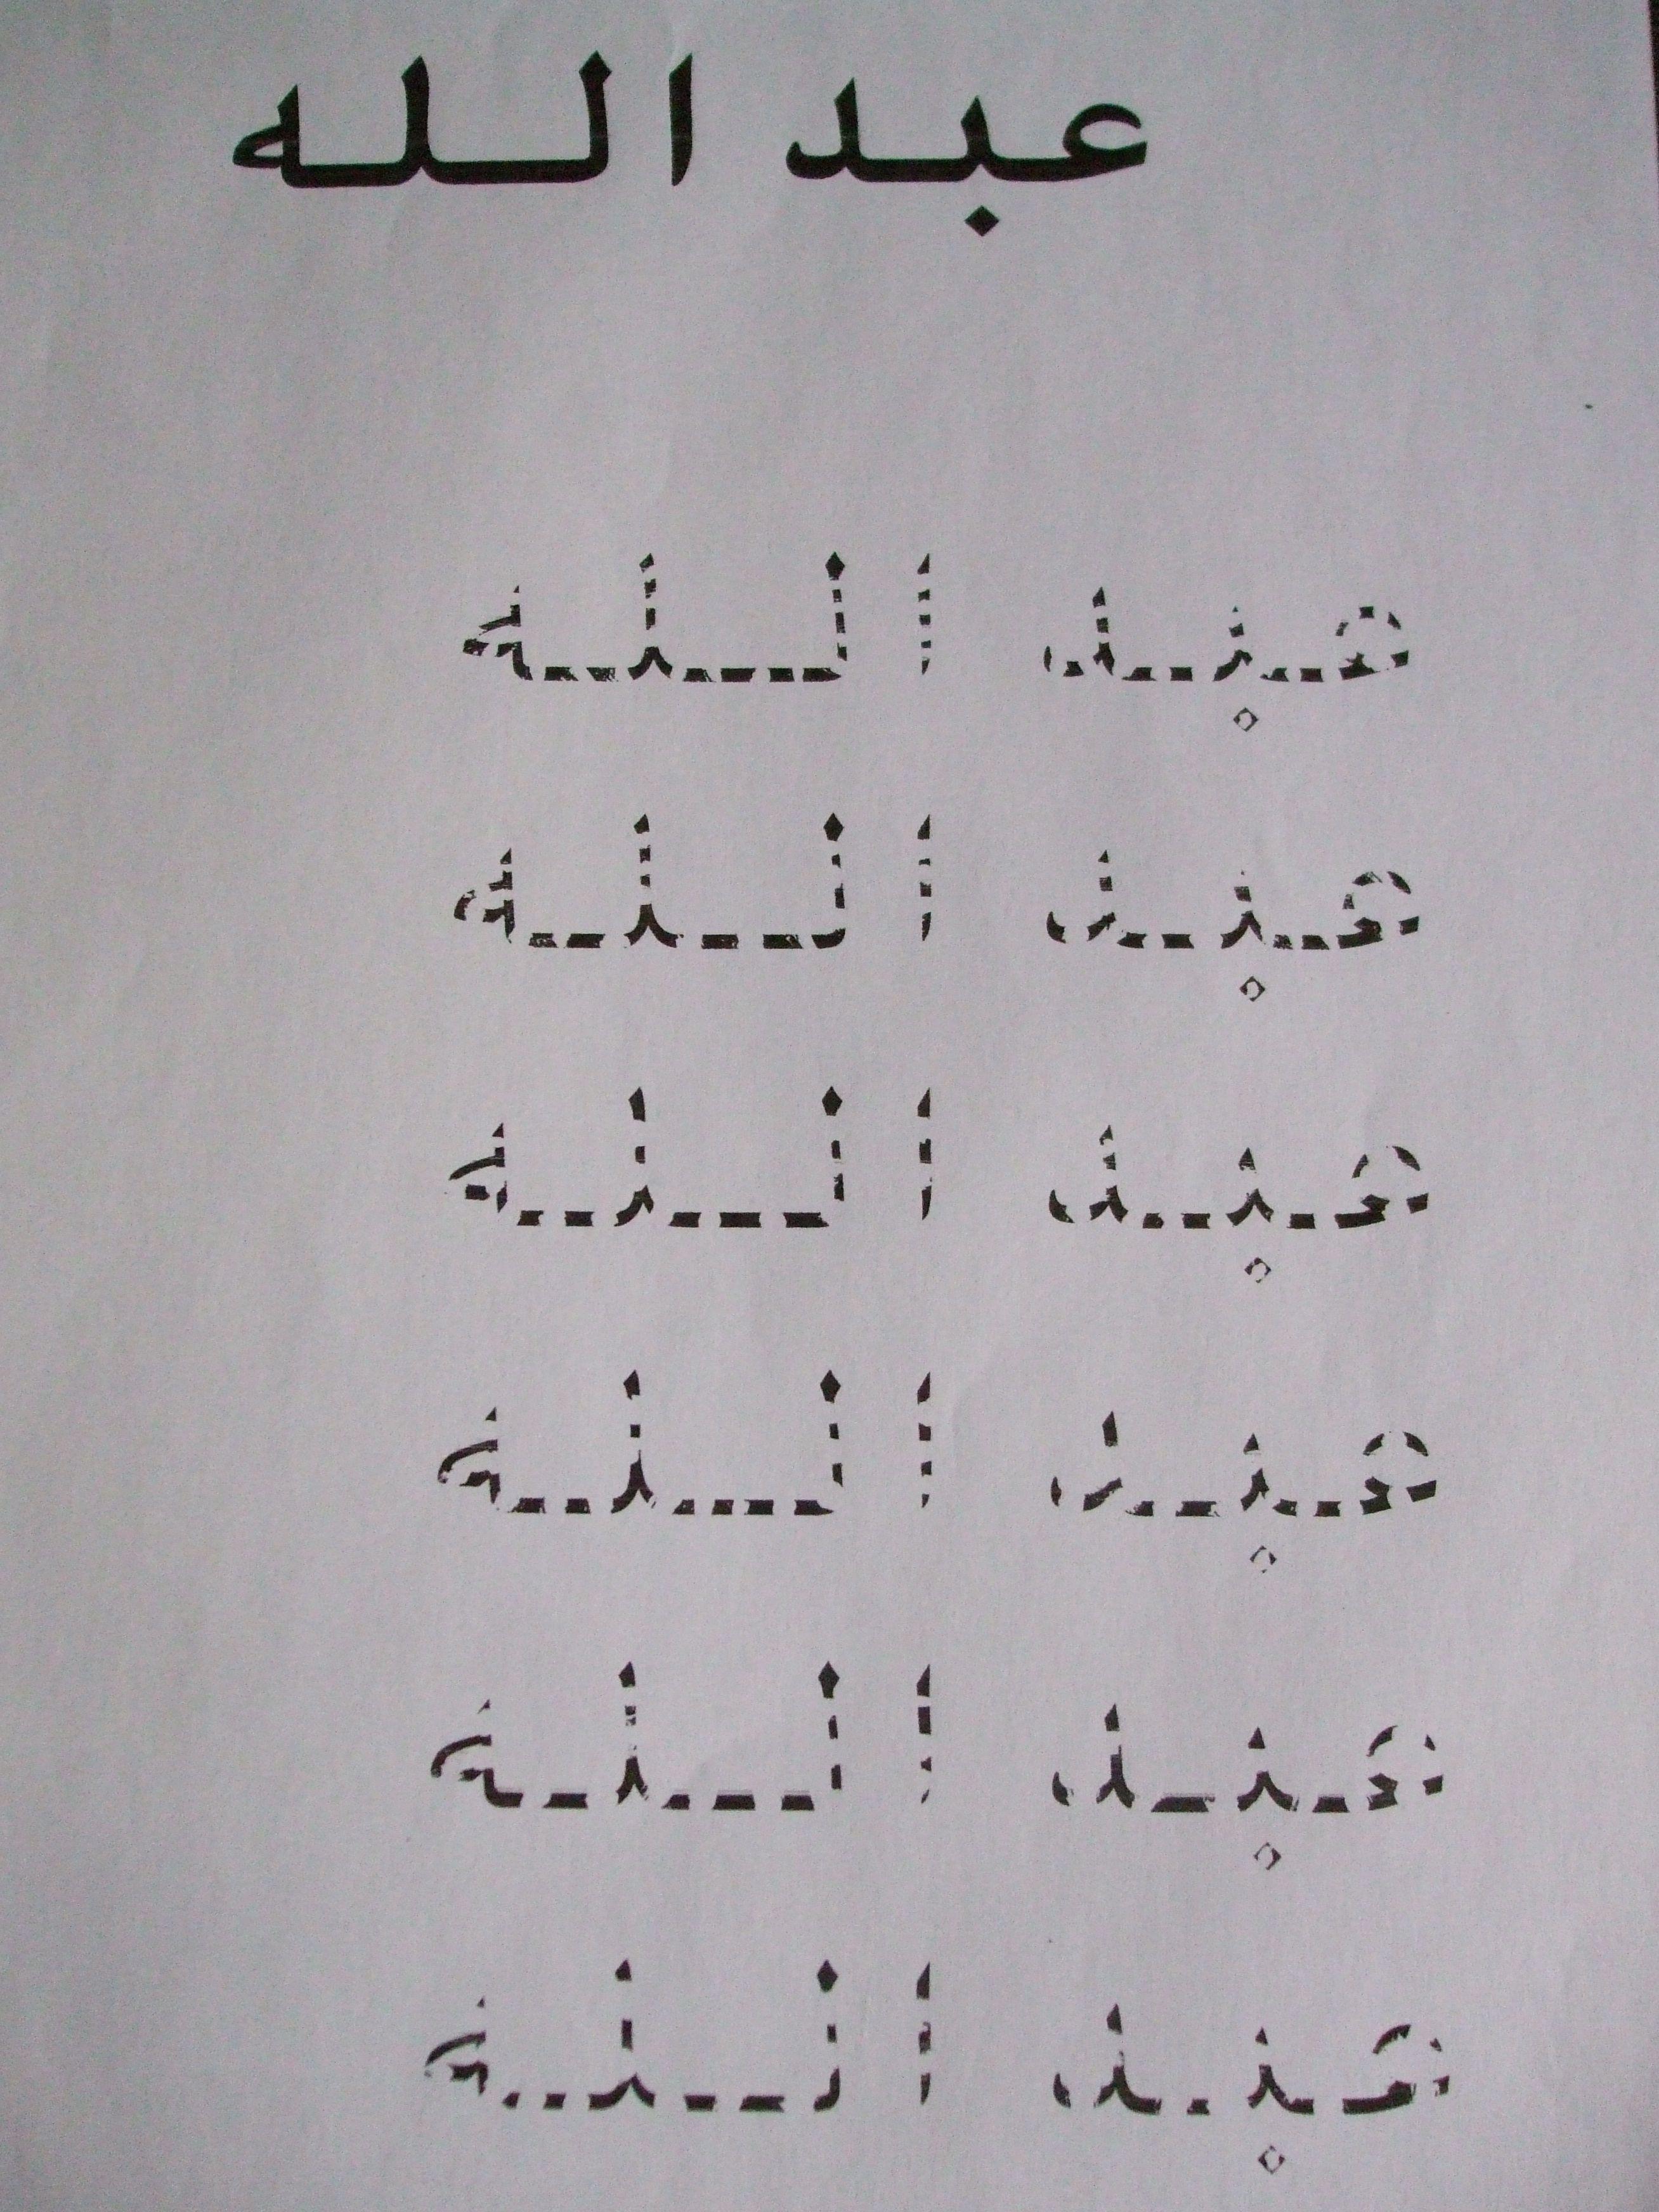 Apprendre  écrire les lettres détachées source image webarabic Vous pourrez trouver ici